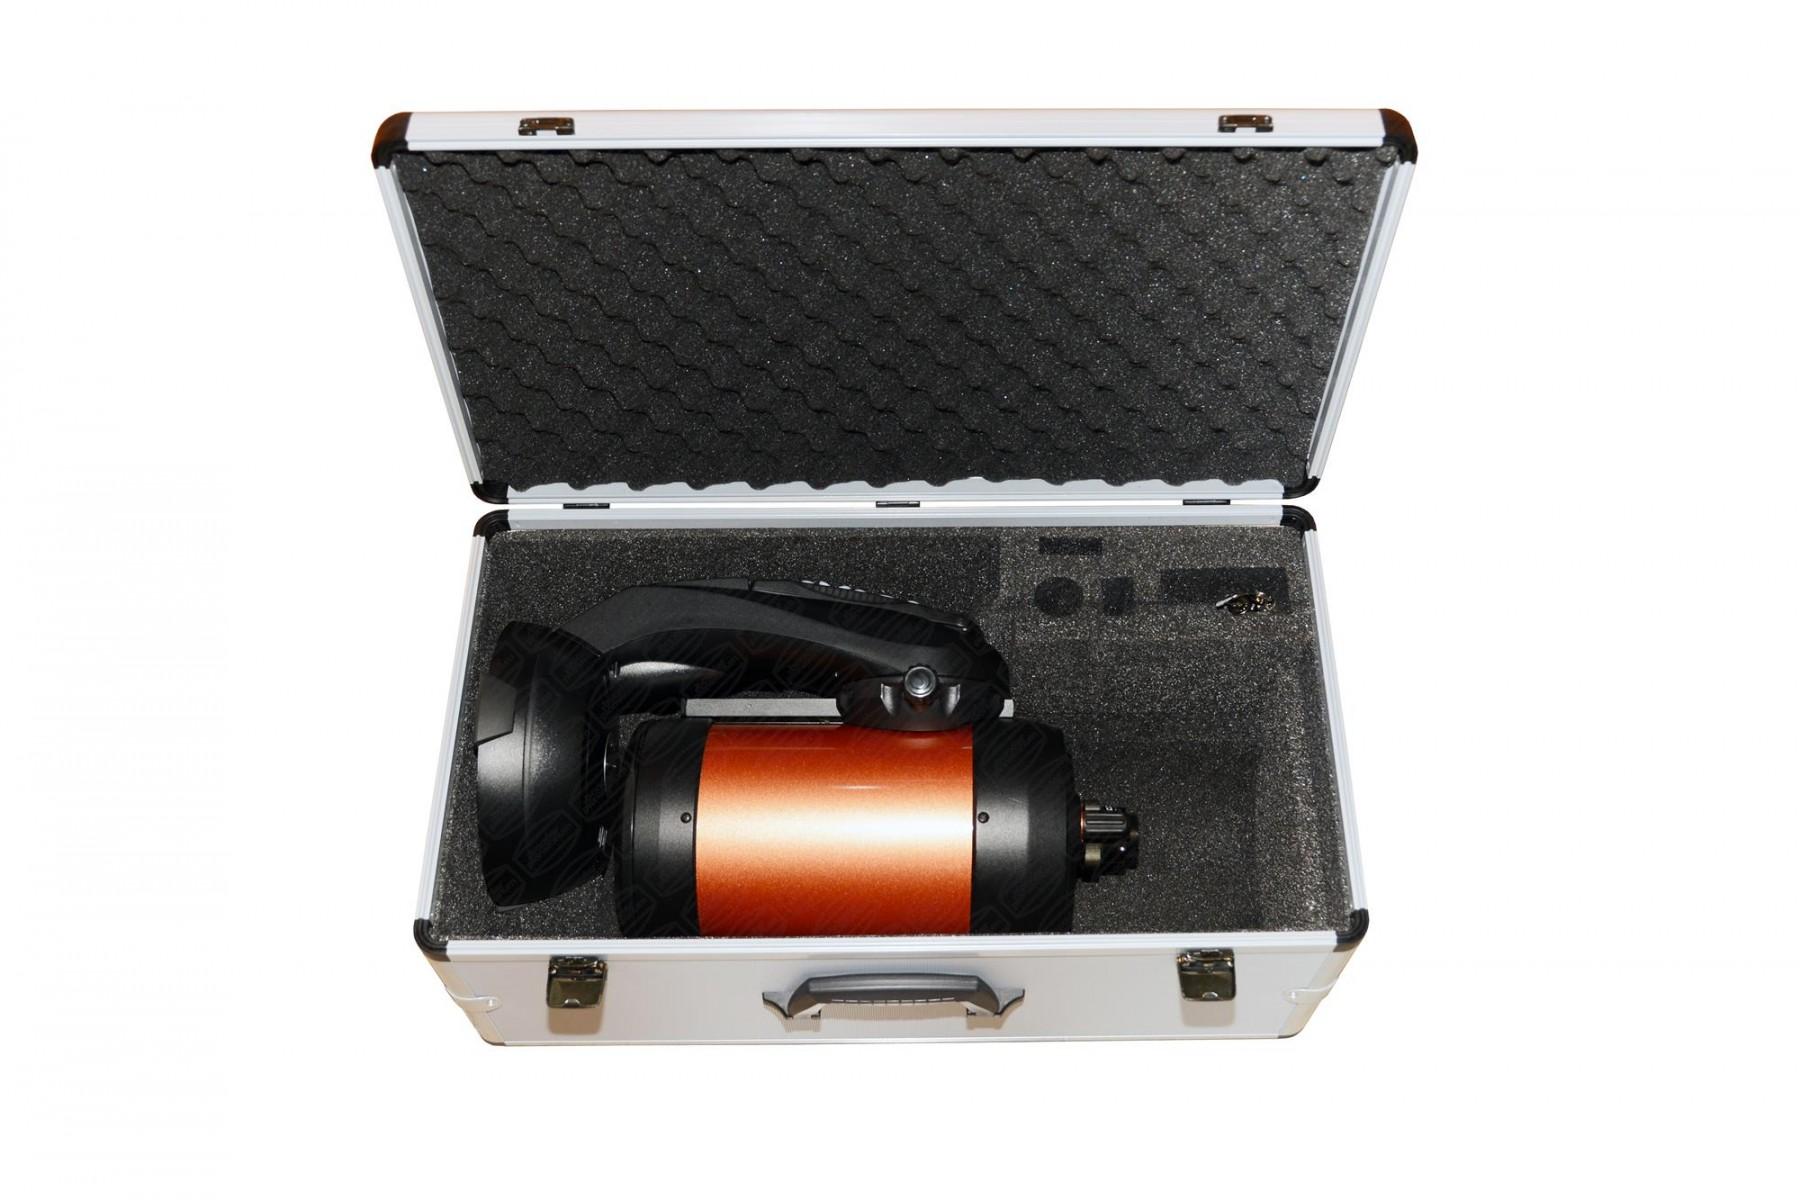 Lieferung ohne Teleskop